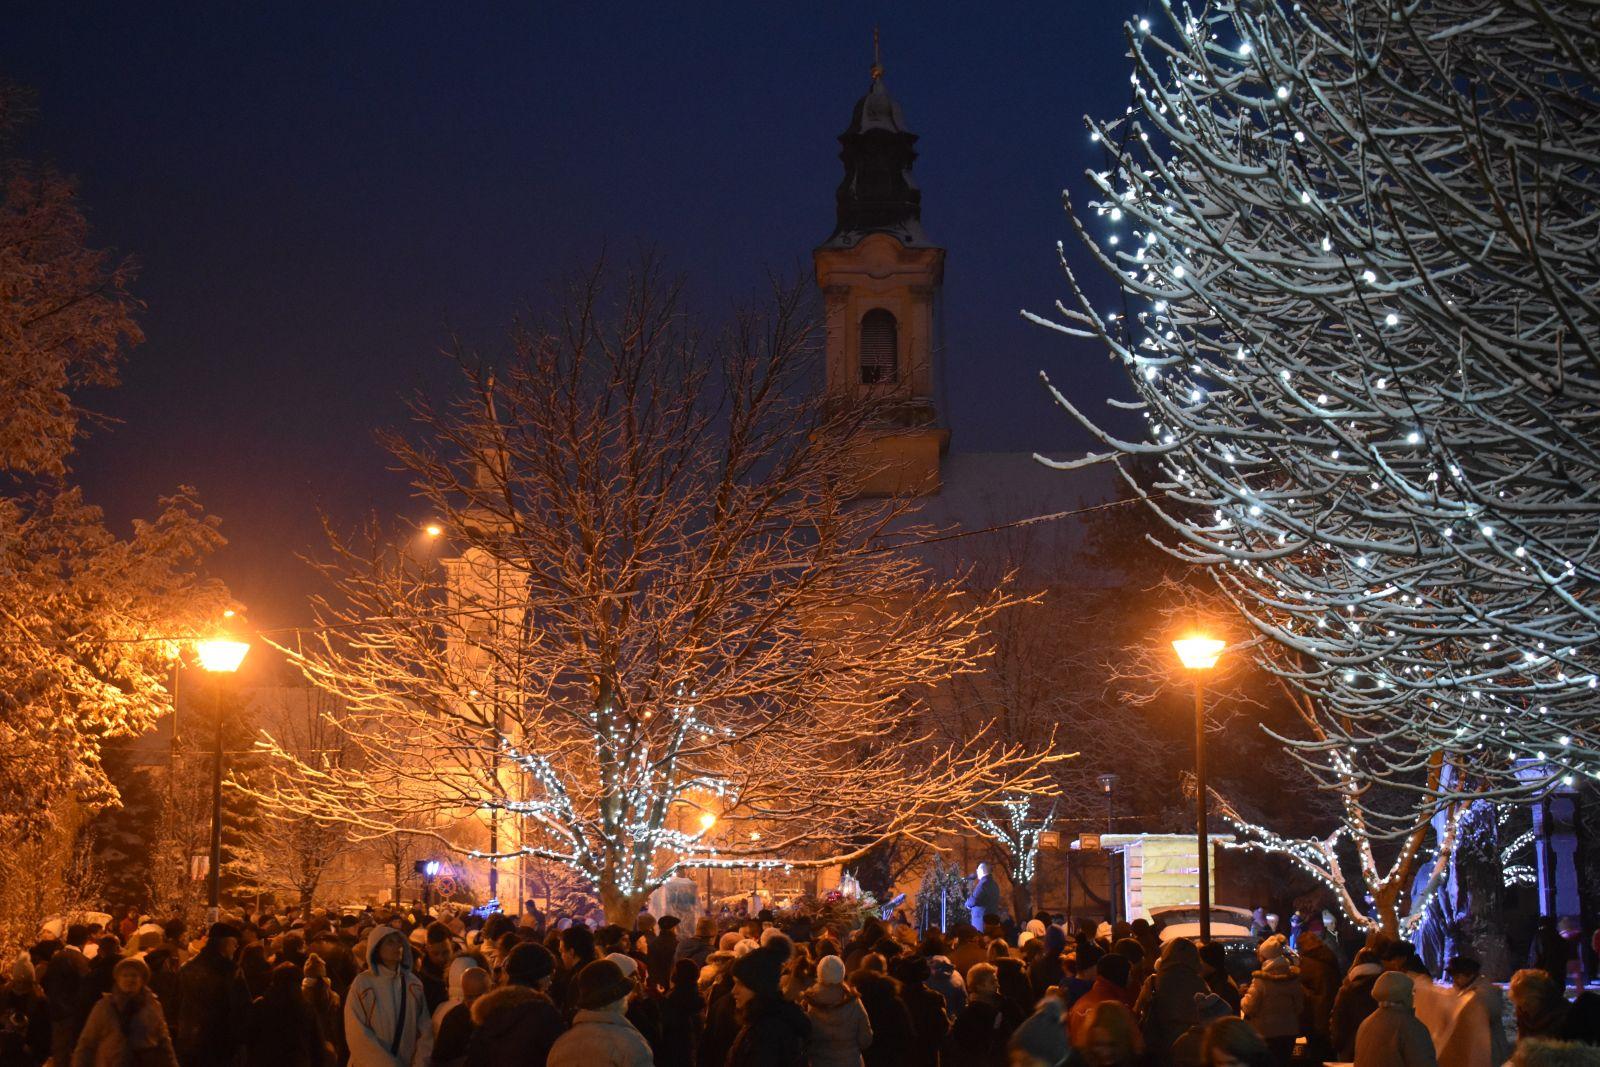 Negyedik advent és városi karácsony